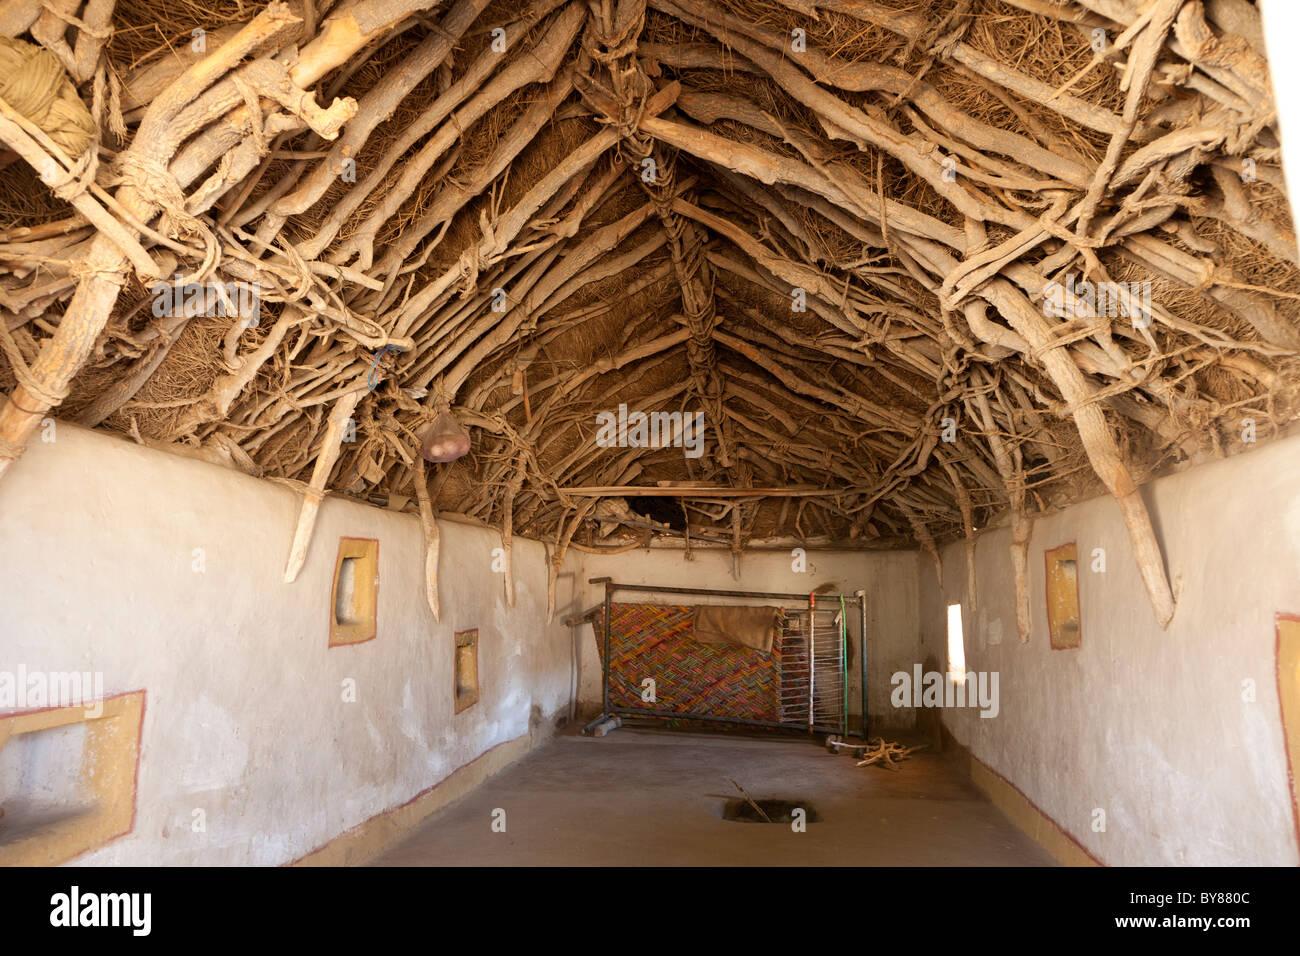 Indien, Rajasthan, Thar-Wüste, innere Traditonal Haus zeigt Methode der Dachkonstruktion Stockbild